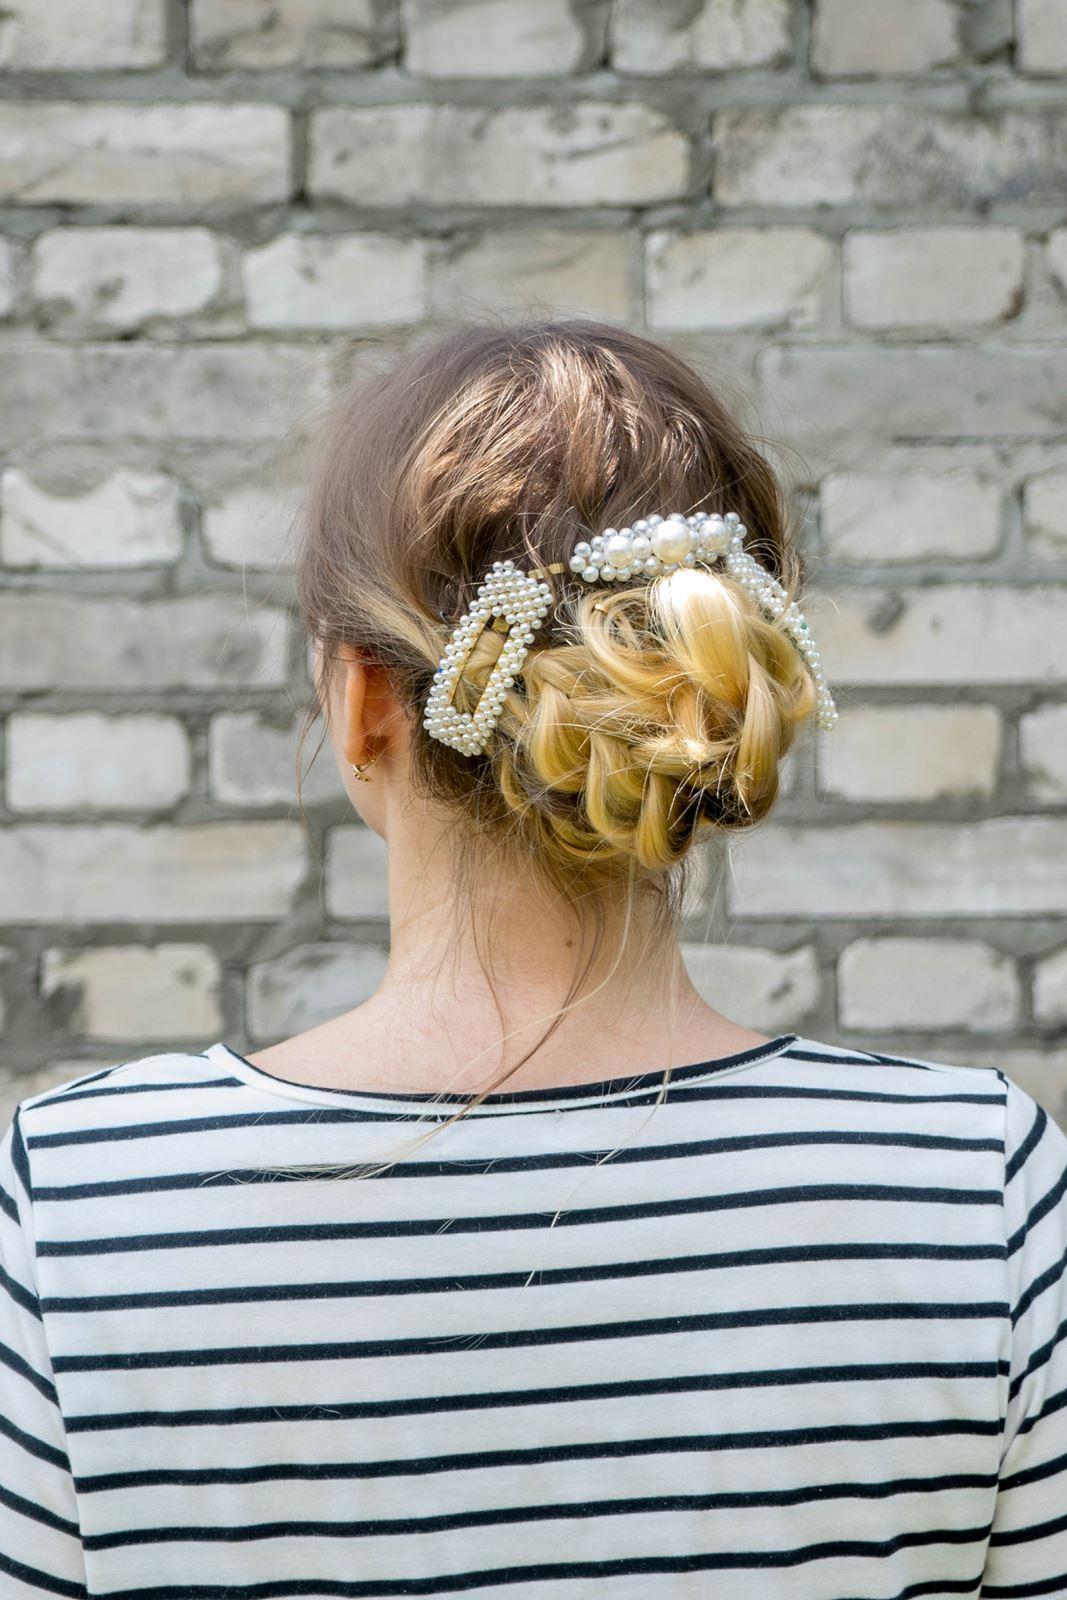 3 gdzie kupić ozdobne spinki do włosów z perłami i muszelkami fryzury, które odmładzają, postarzają, dodają lat, podobają się facetom, wyszczuplają twarz, proste fryzury do zrobienia samemu krok po kroku